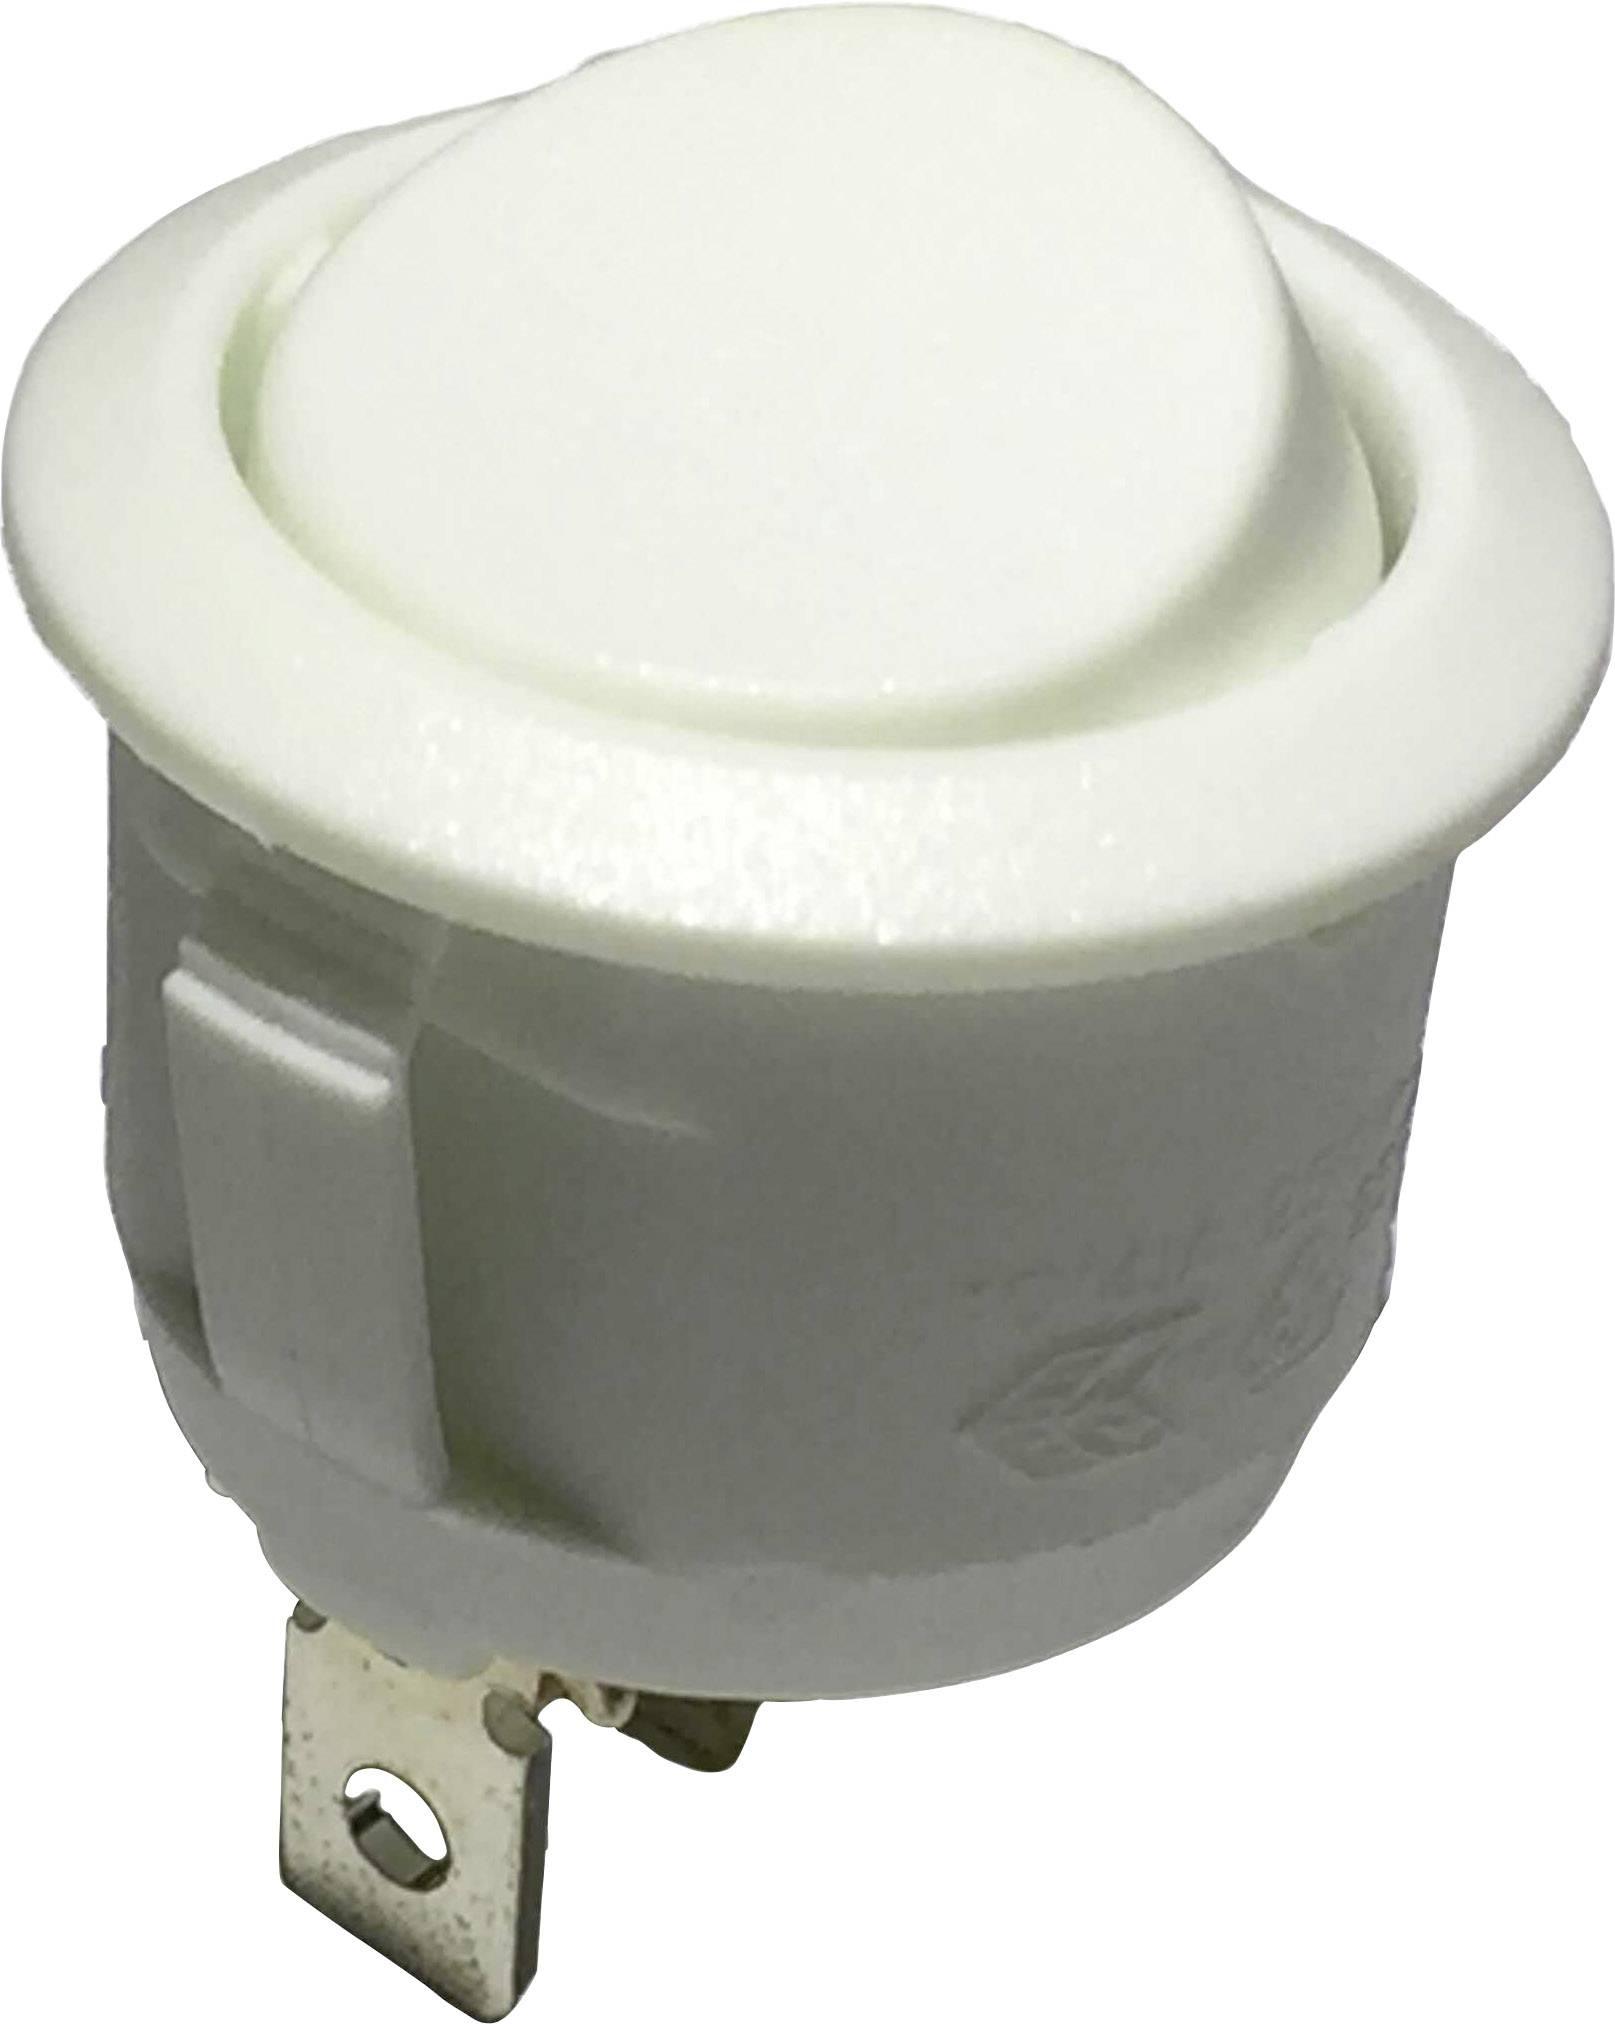 Kolískový spínač s aretáciou R13-112C W/W, 250 V/AC, 6 A